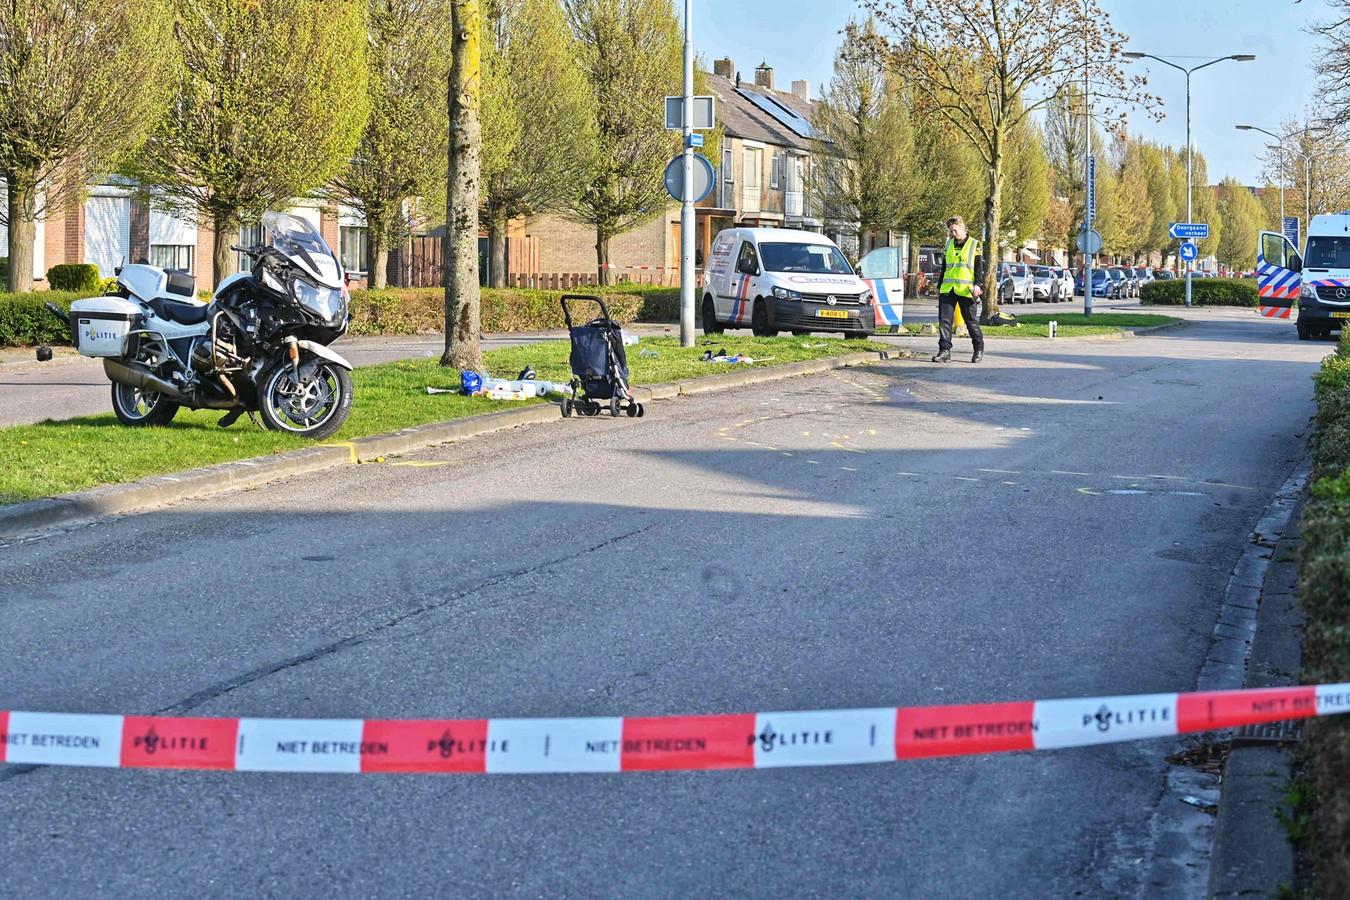 De politie heeft de weg afgesloten en doet onderzoek naar het ongeluk in Zevenbergen.